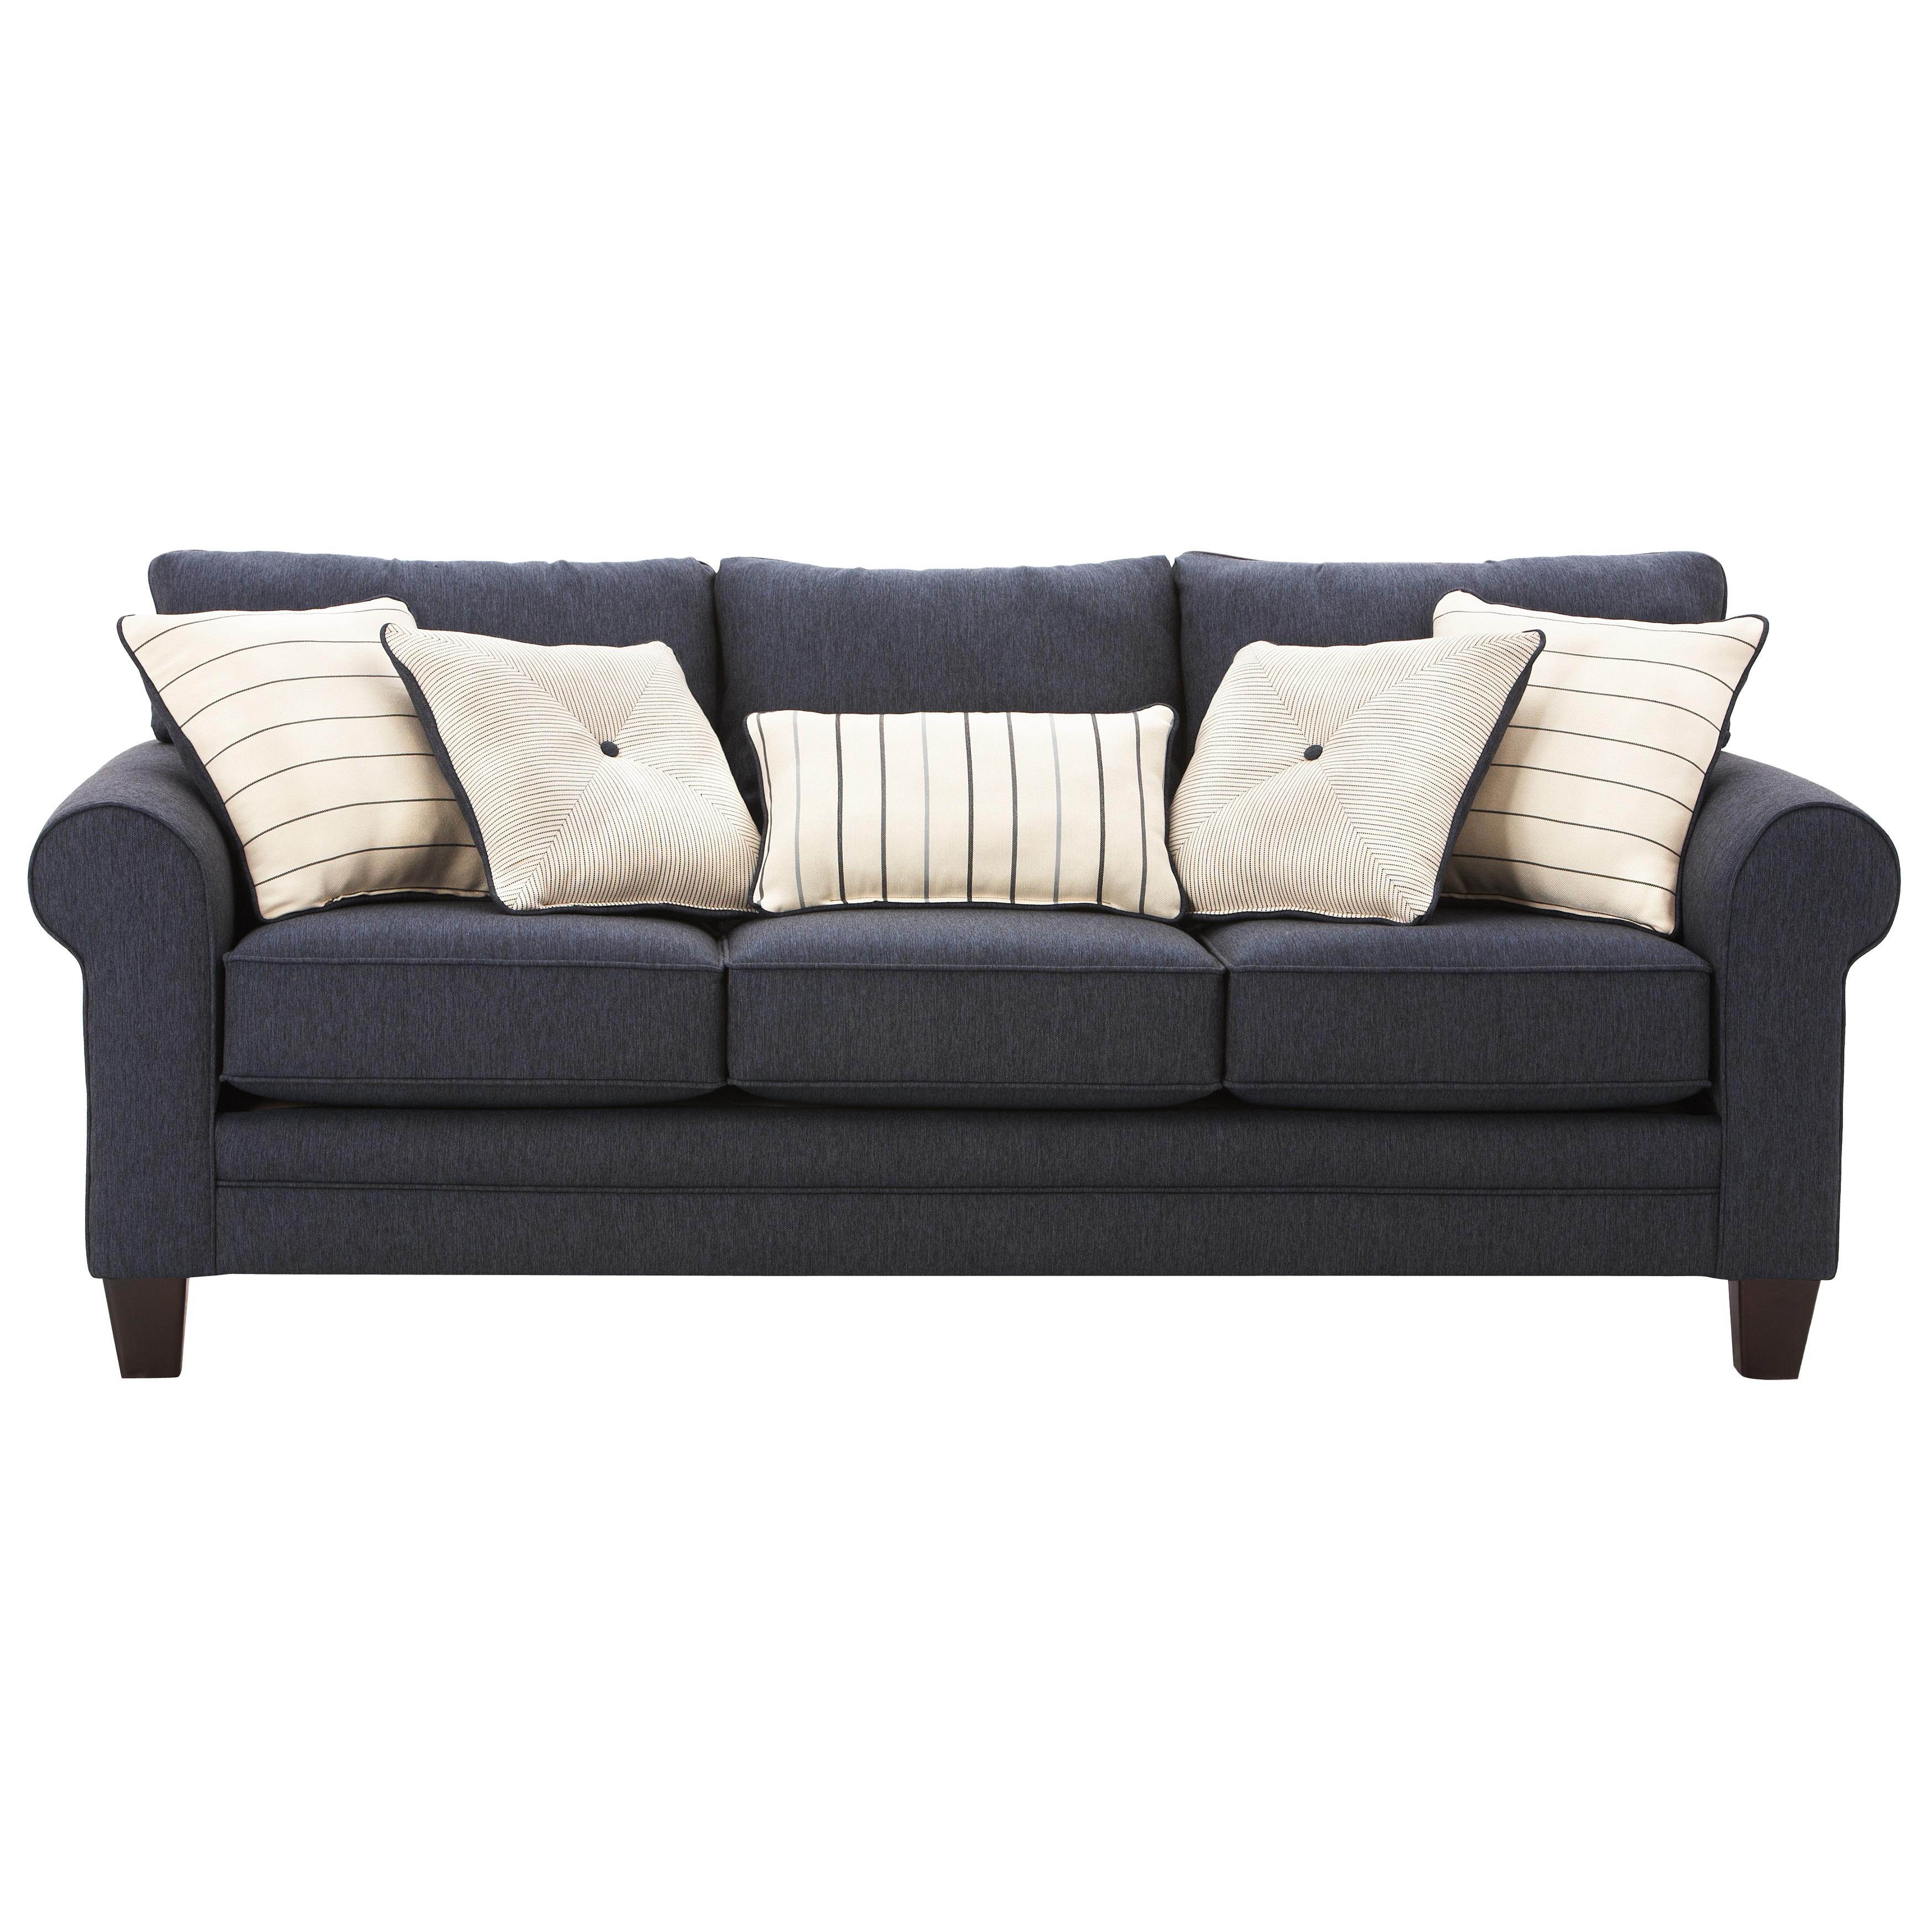 Art Van Calypso Sofa Overstock Shopping Great Deals On Art Van Furniture Sofas Loveseats